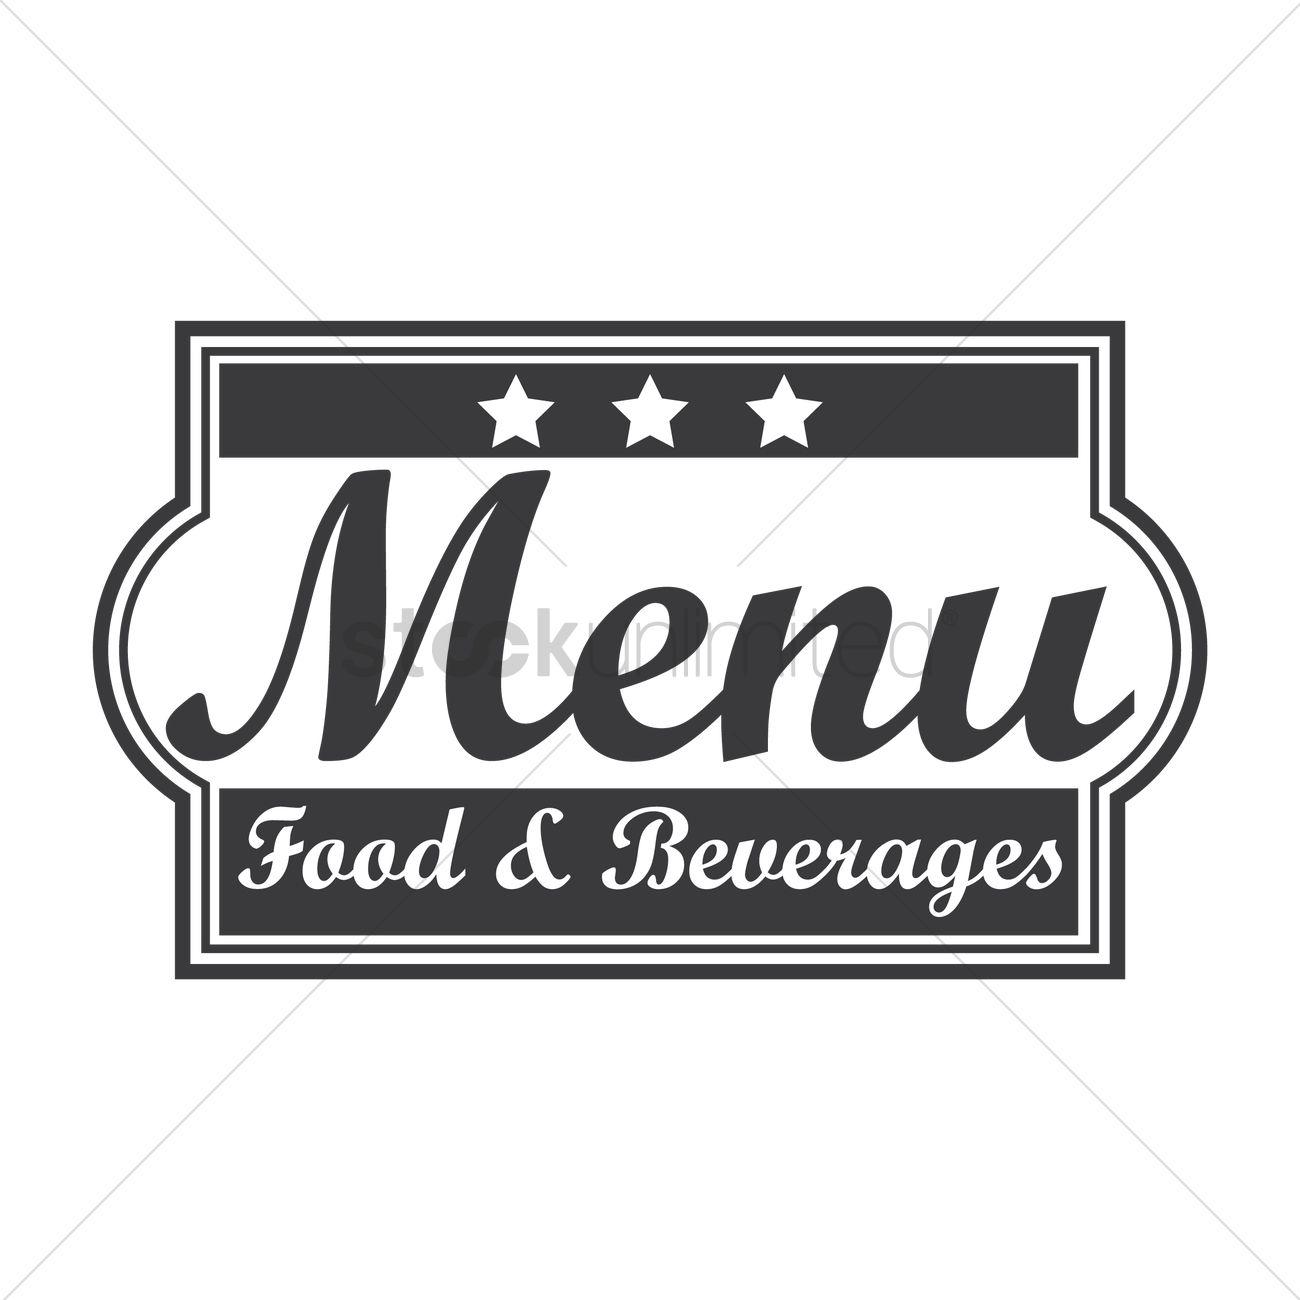 Food and beverage logo design